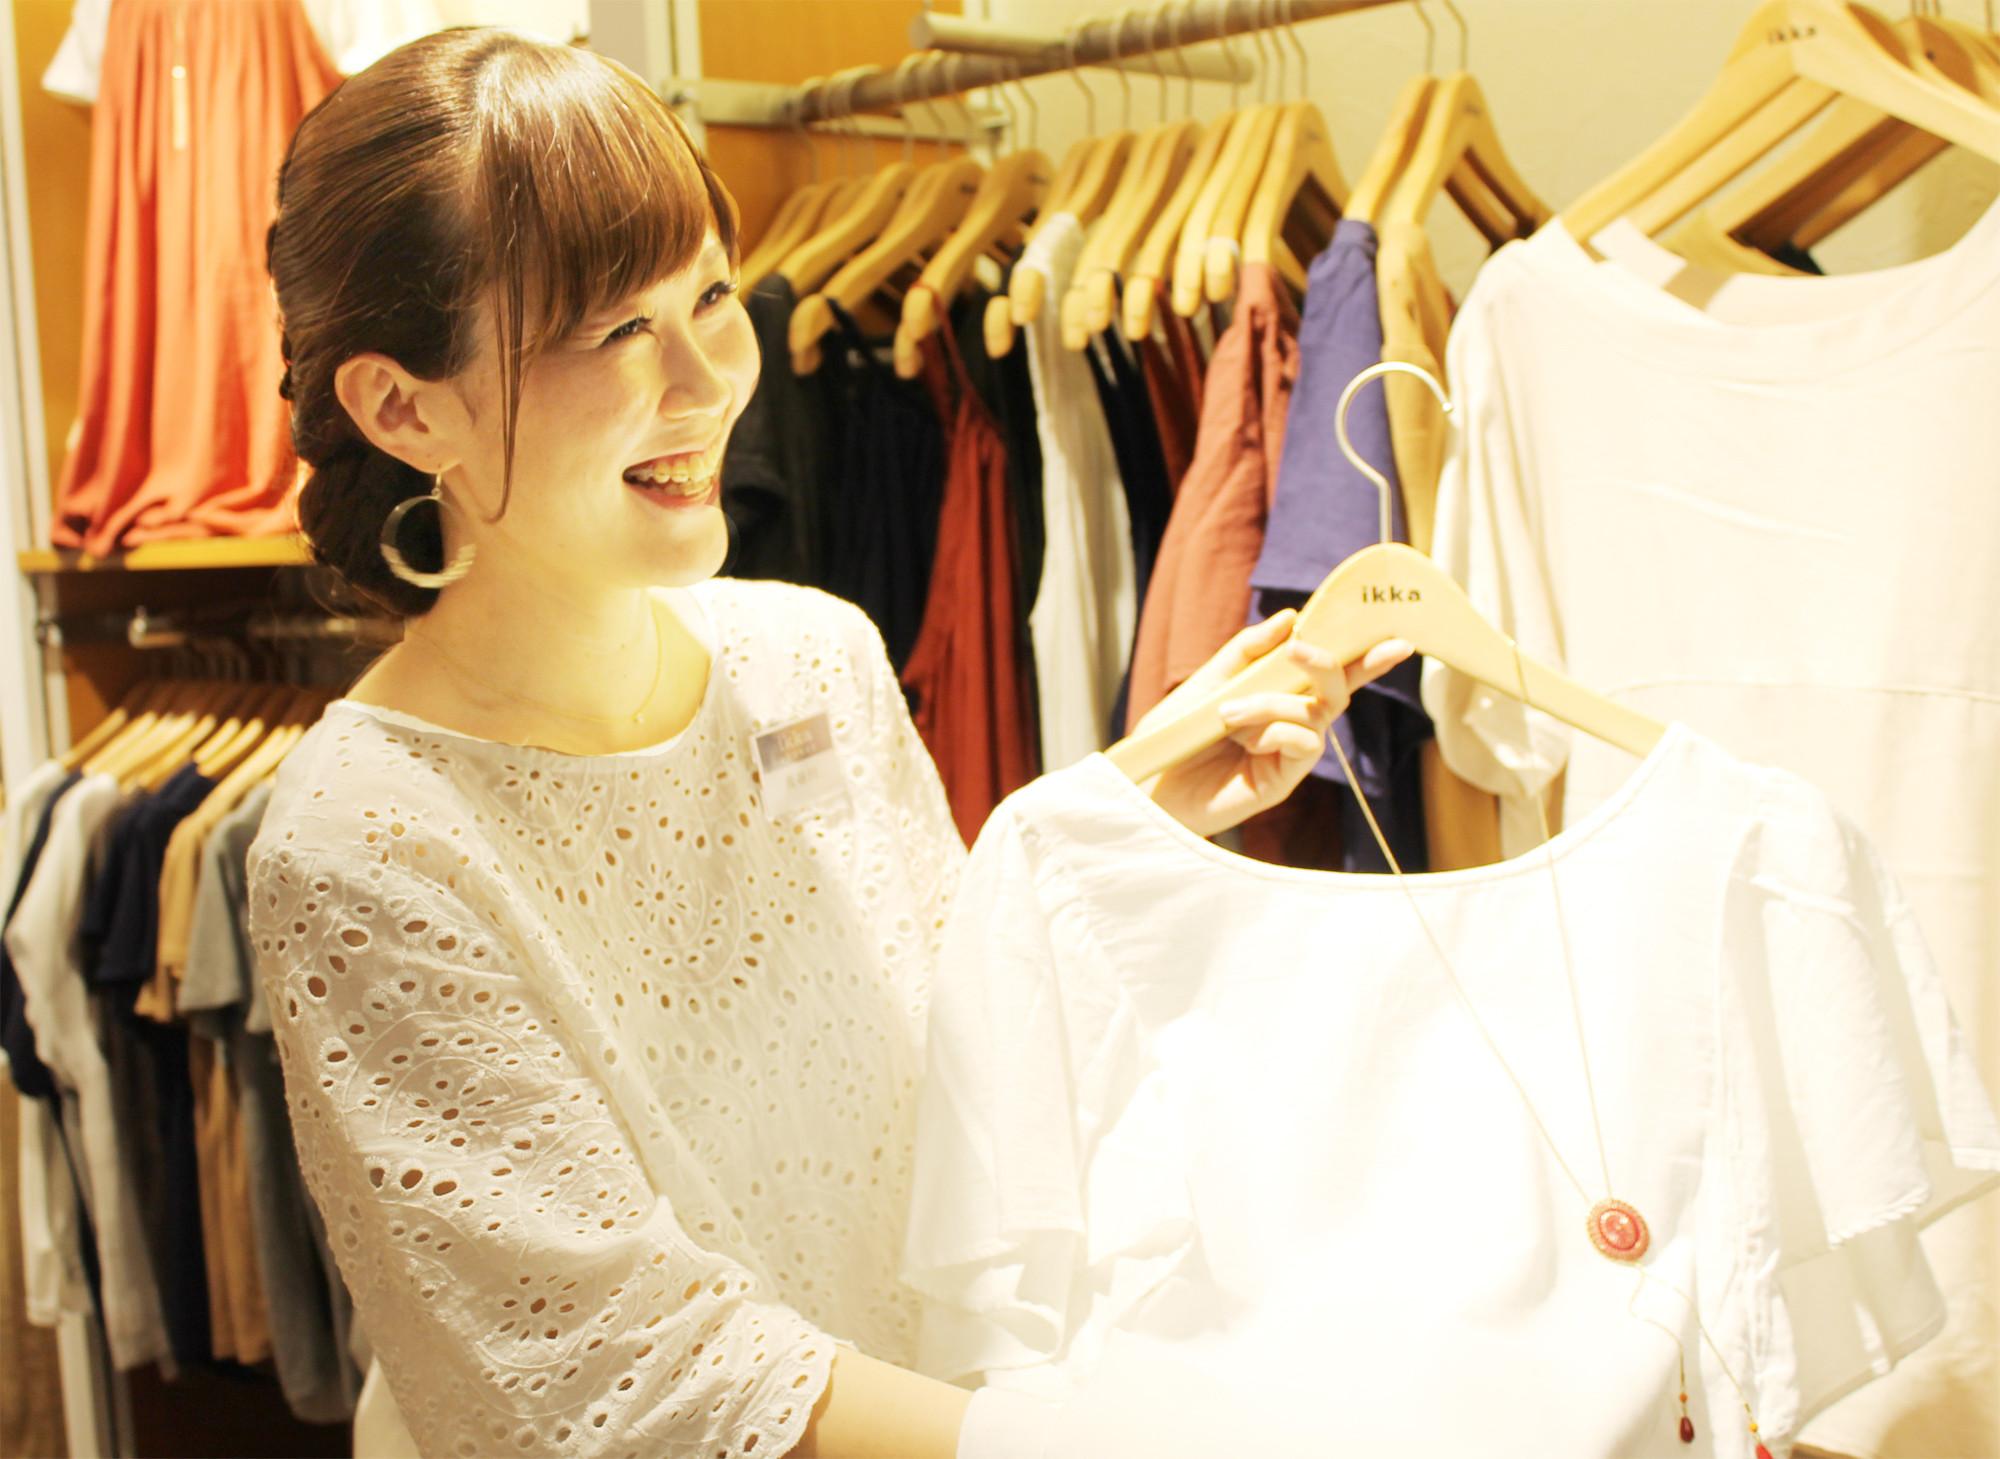 CURRENT(カレント) イオン唐津ショッピングセンター店 のアルバイト情報